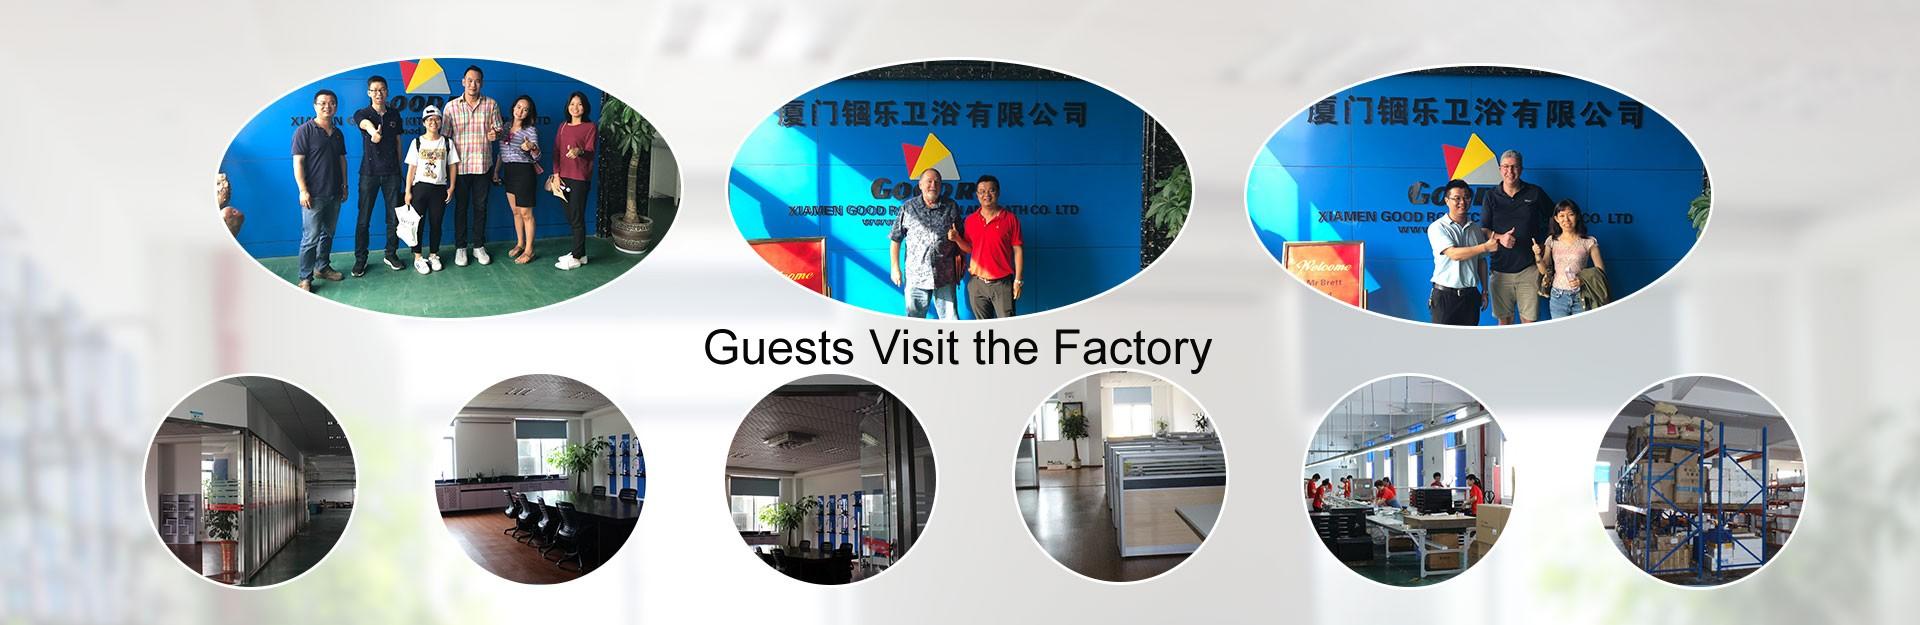 Huéspedes visitan la fábrica